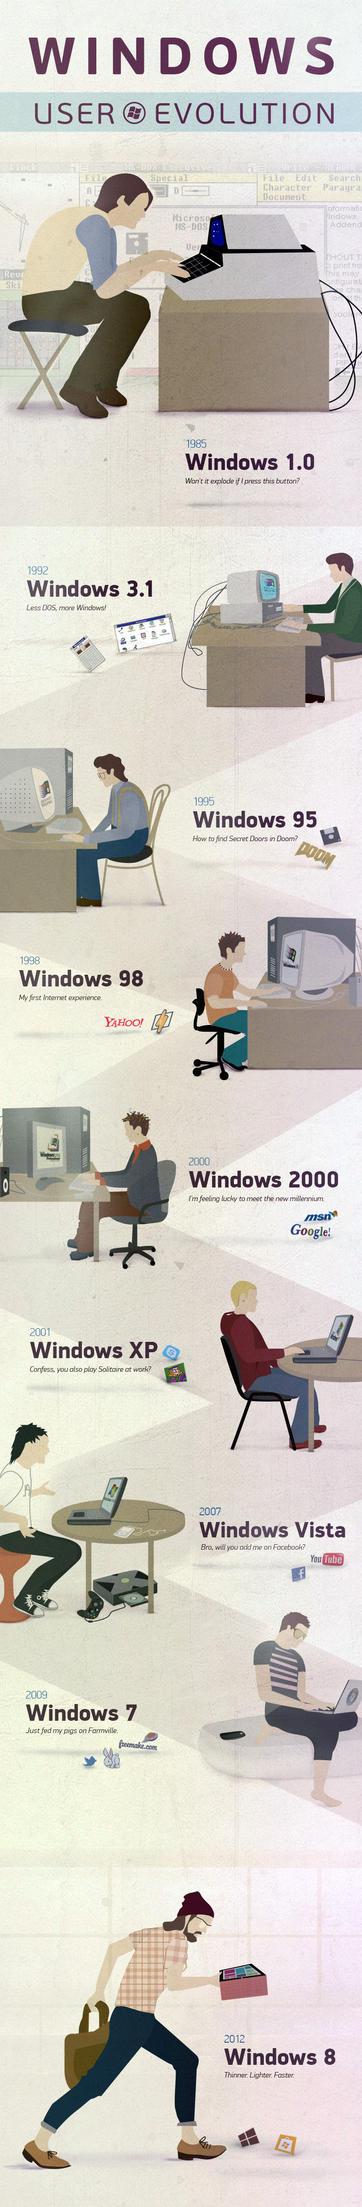 Windows User Evolution by qimoo